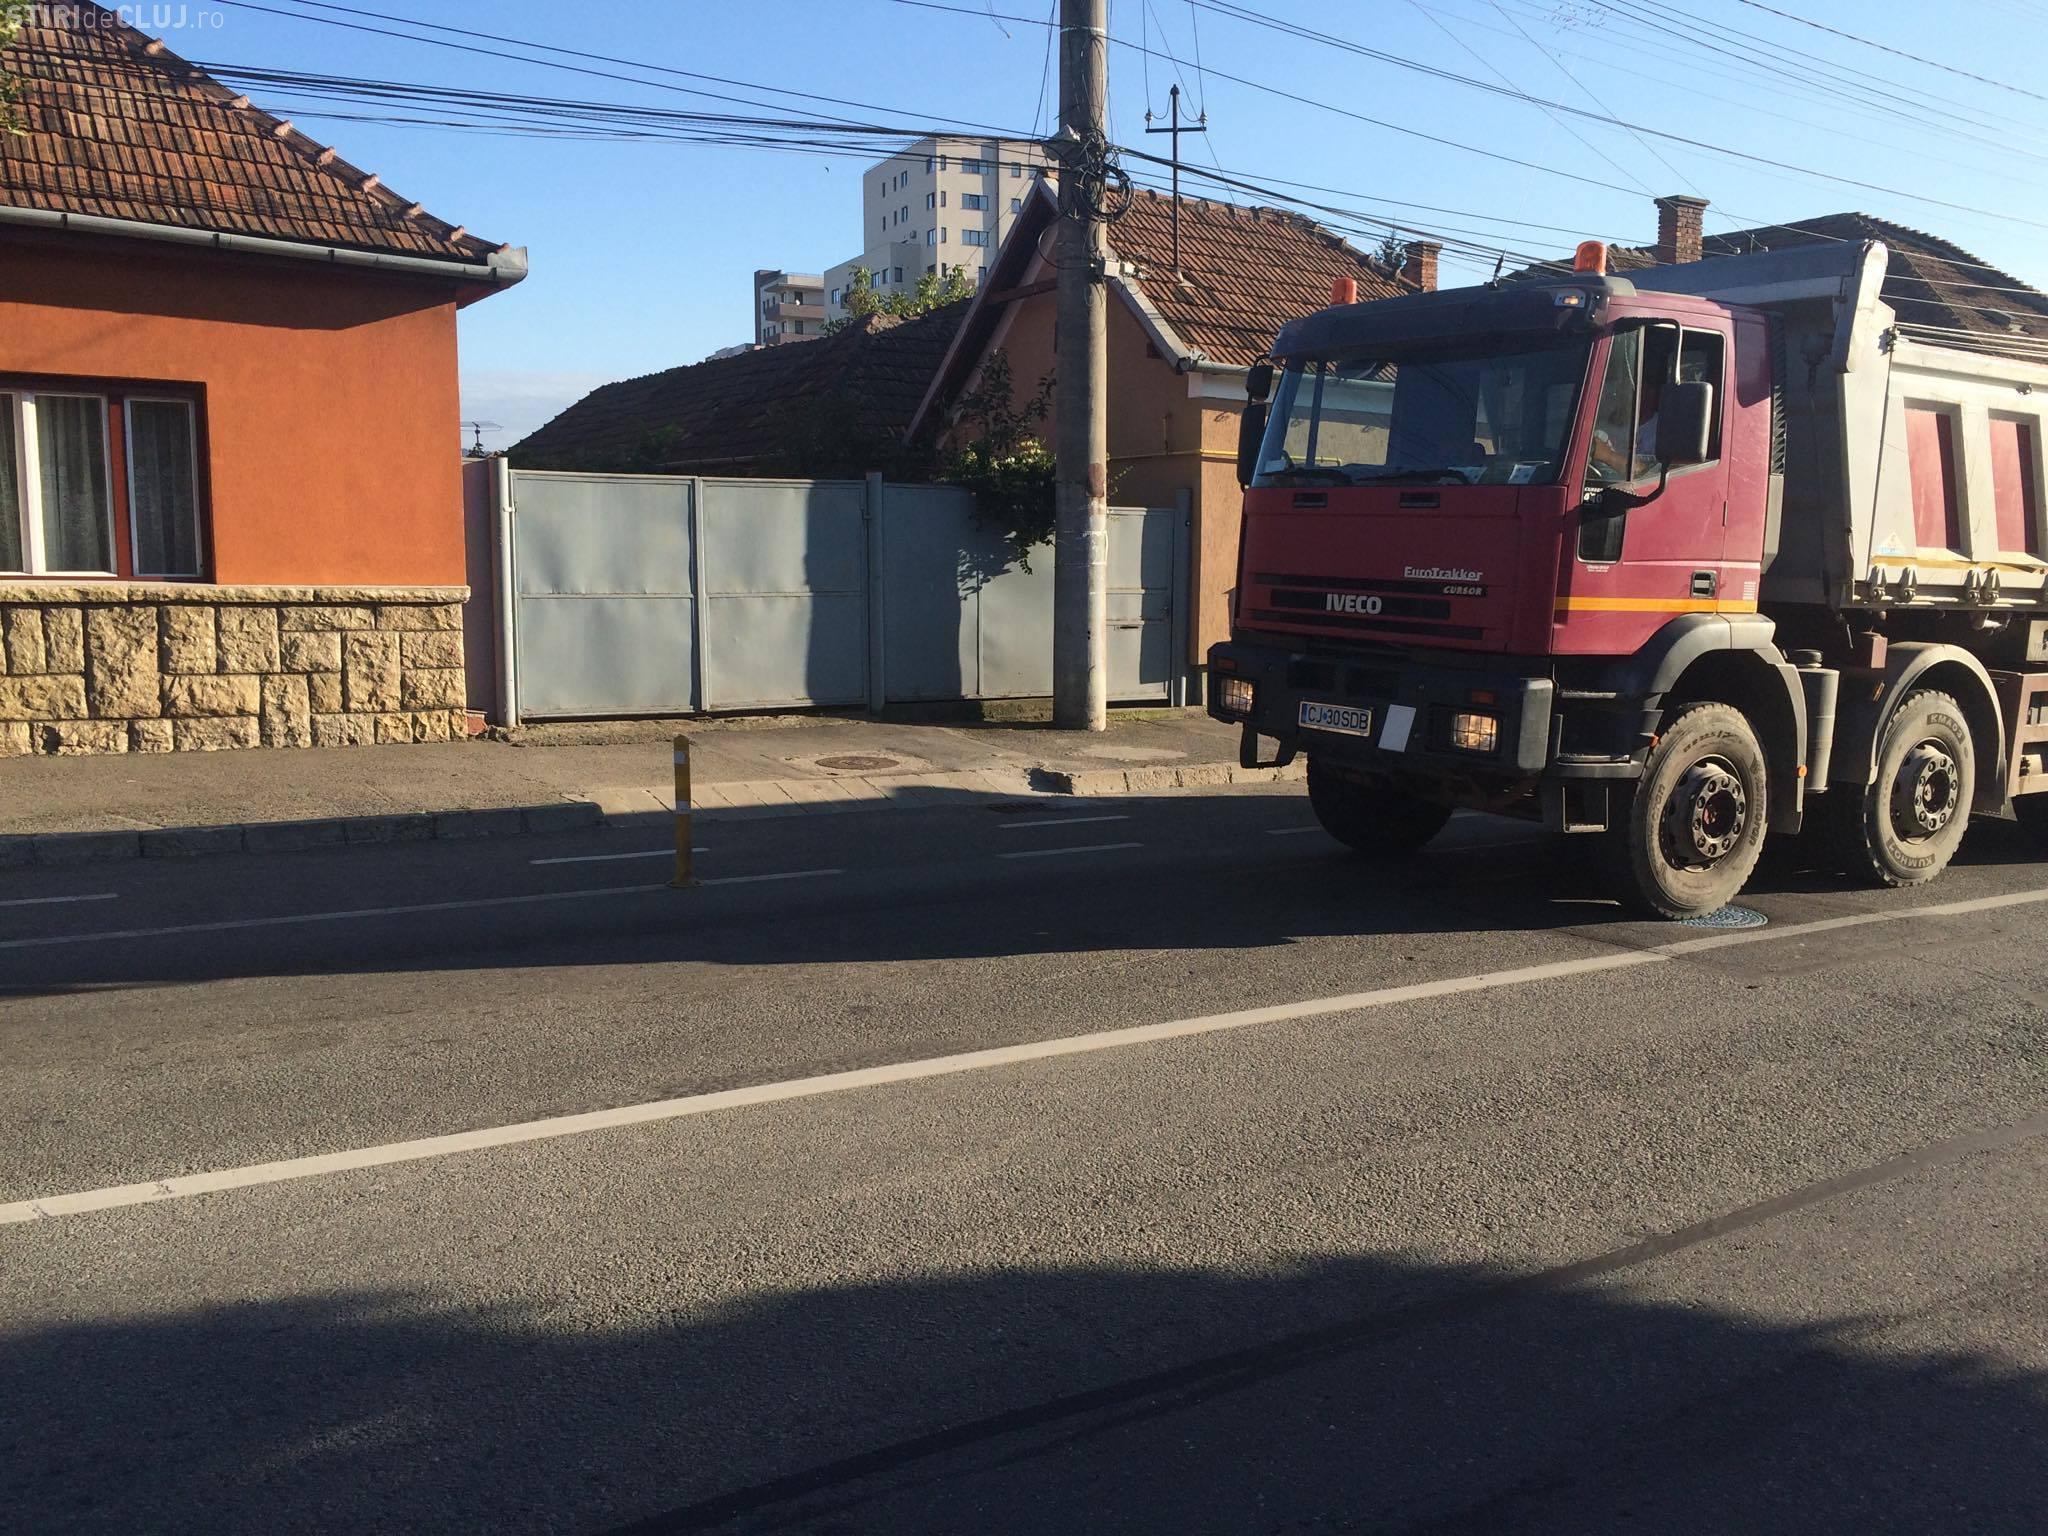 Pe strada Maramureșul circulă vehicule de tonaj, cu toate că acest lucru este interzis - FOTO